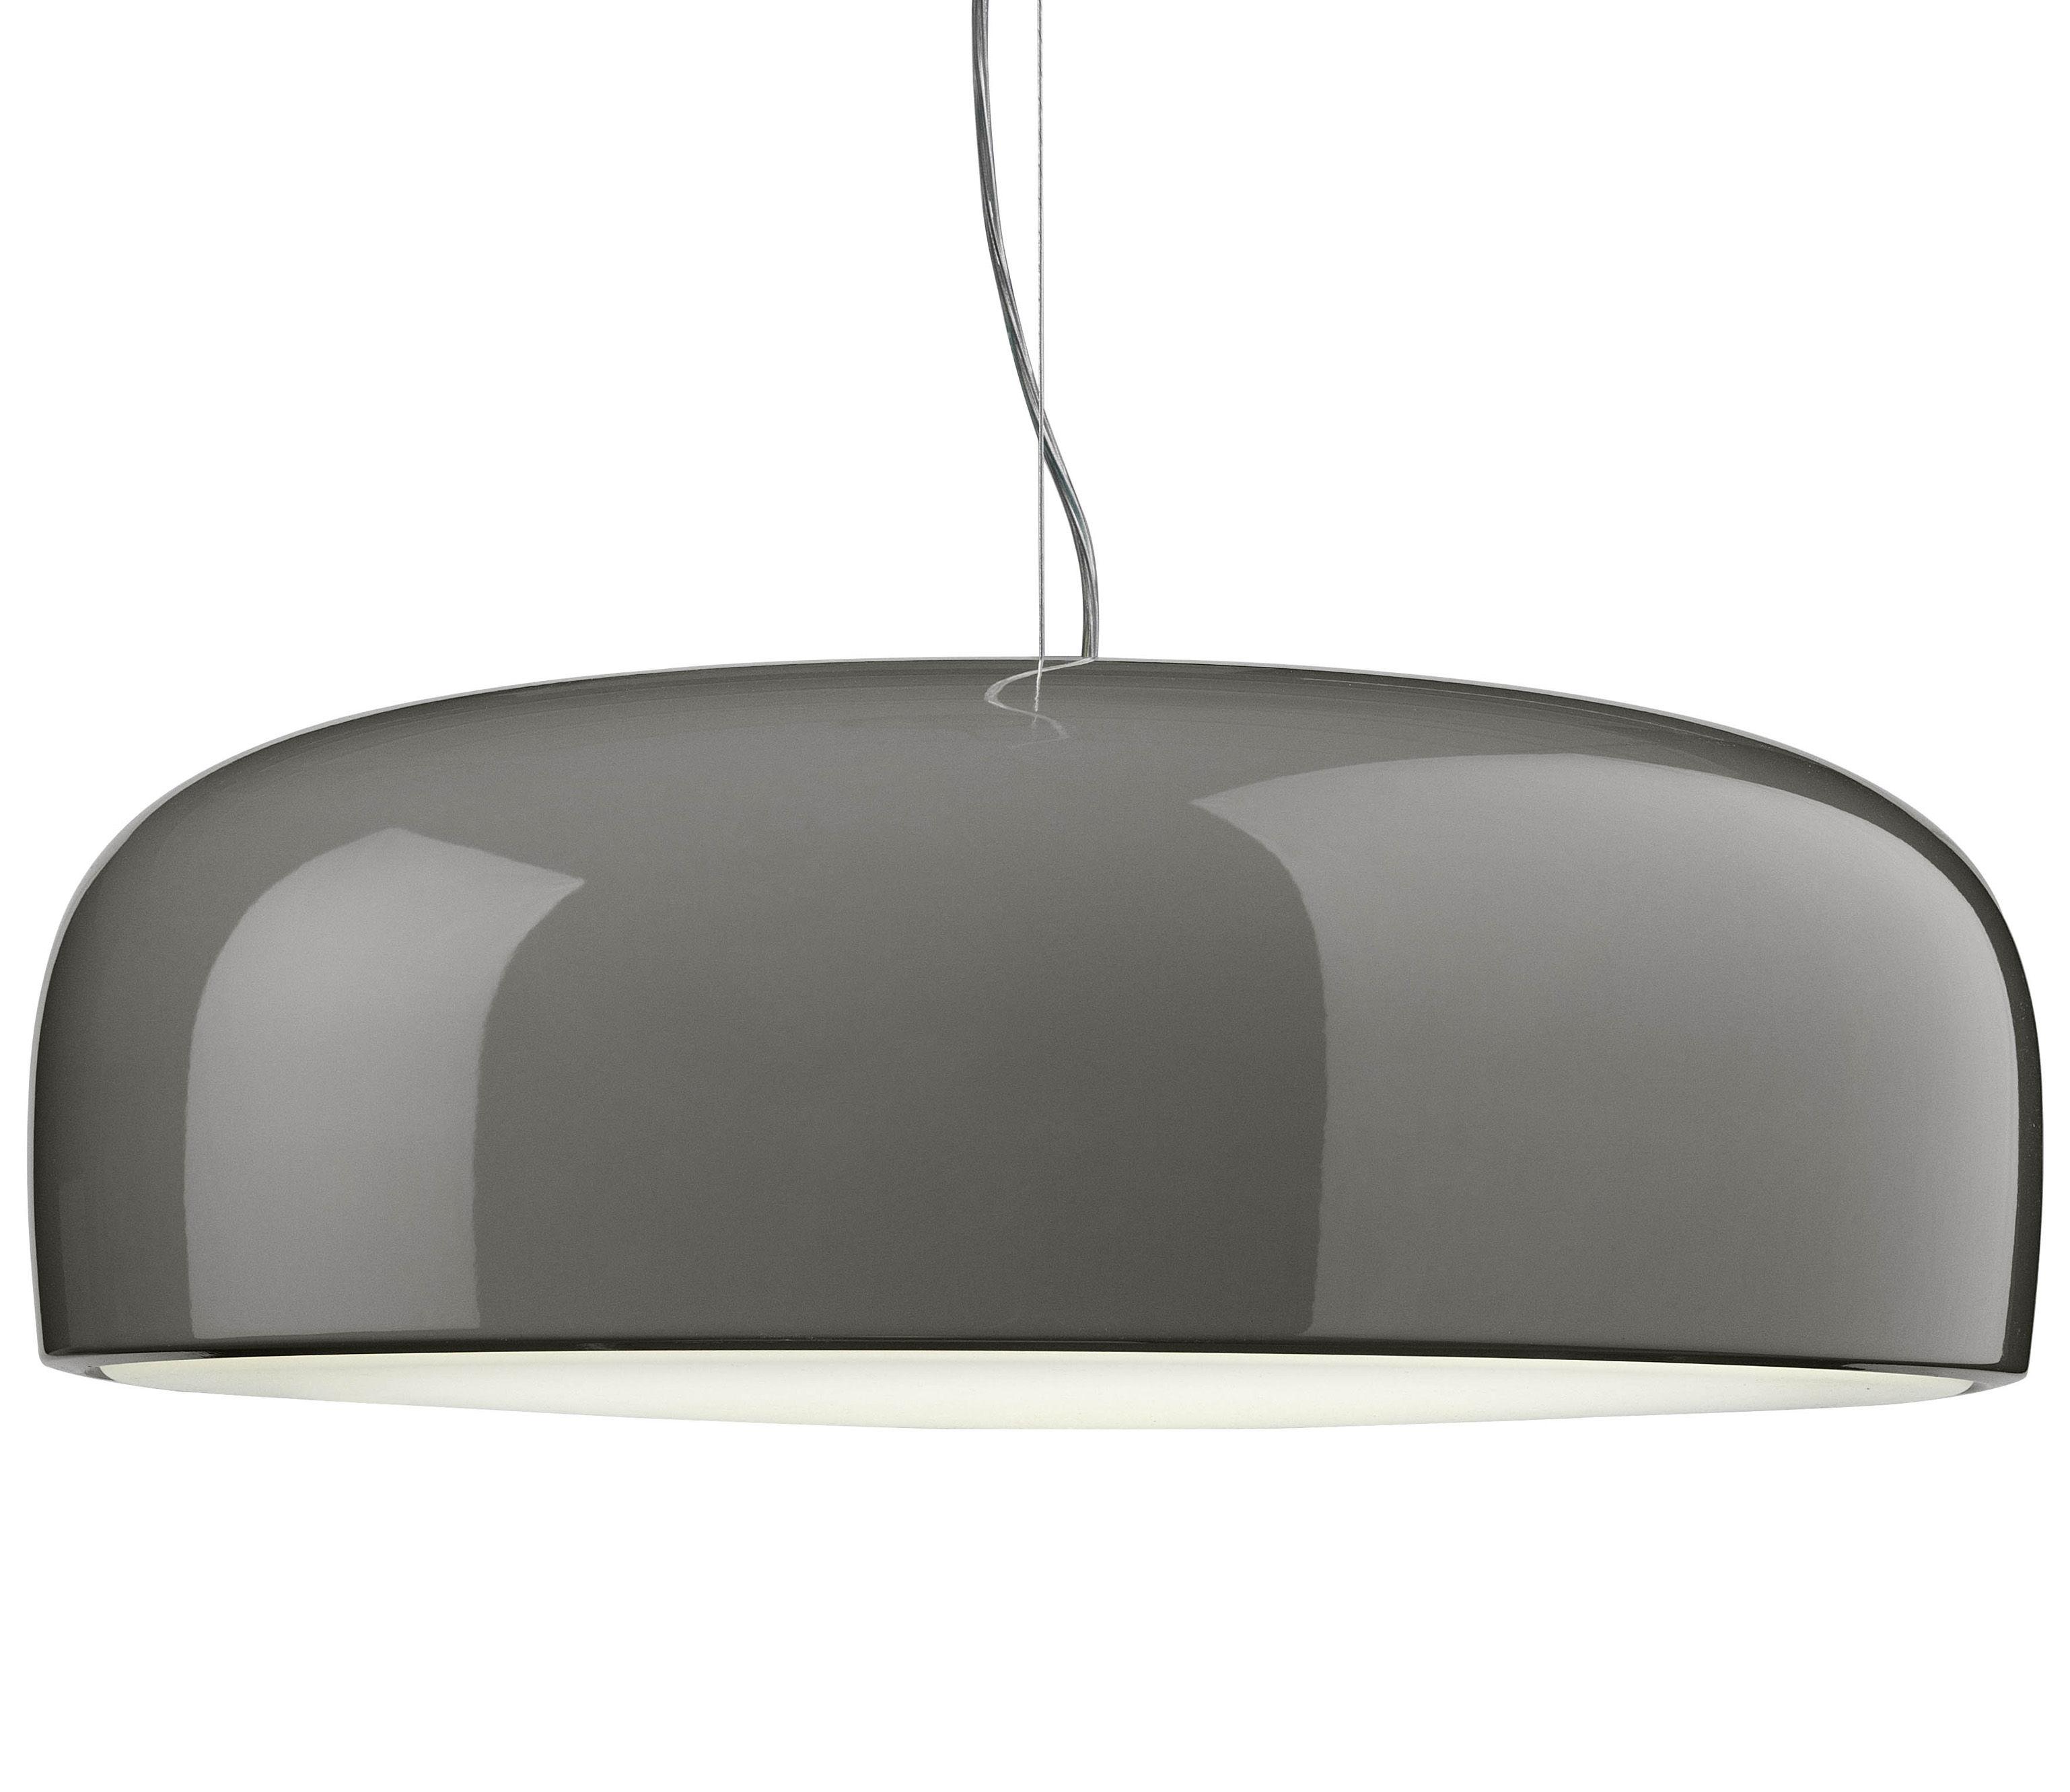 Illuminazione - Lampadari - Sospensione Smithfield Pro di Flos - Alogena - Grigio talpa - alluminio verniciato, policarbonato